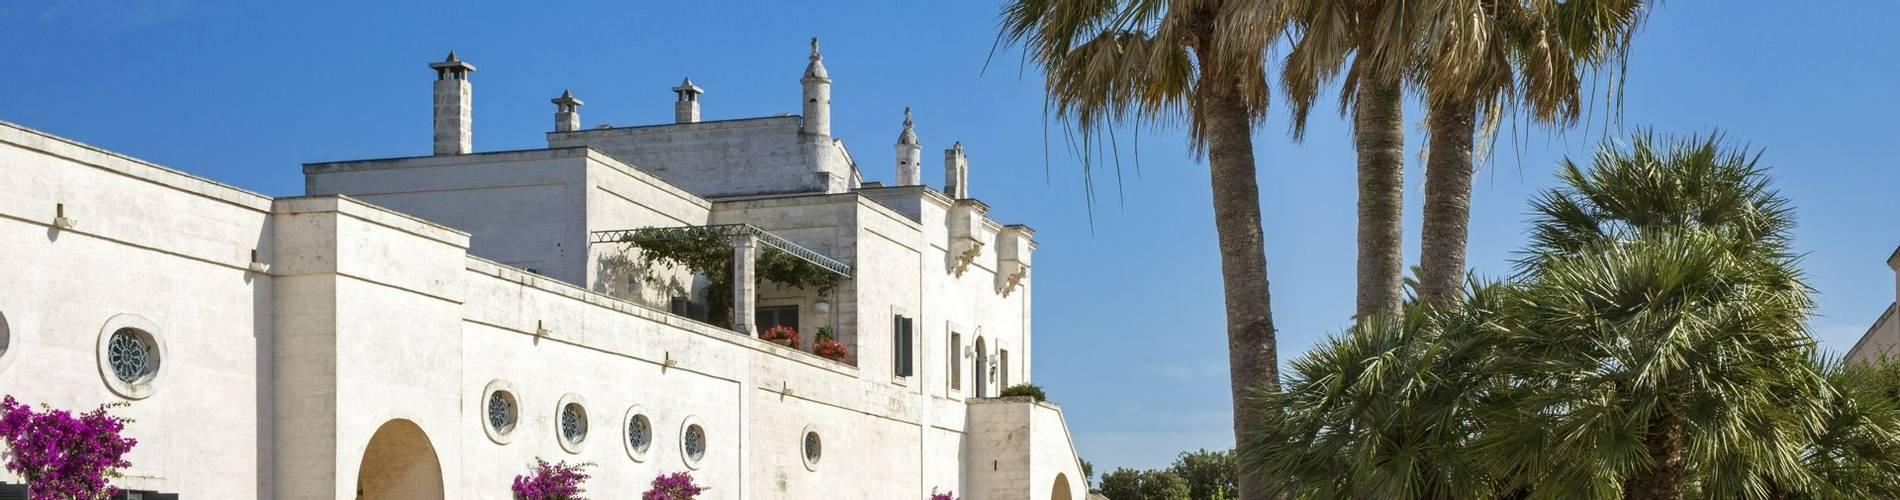 Masseria San Domenico, Puglia, Italy (44).jpg